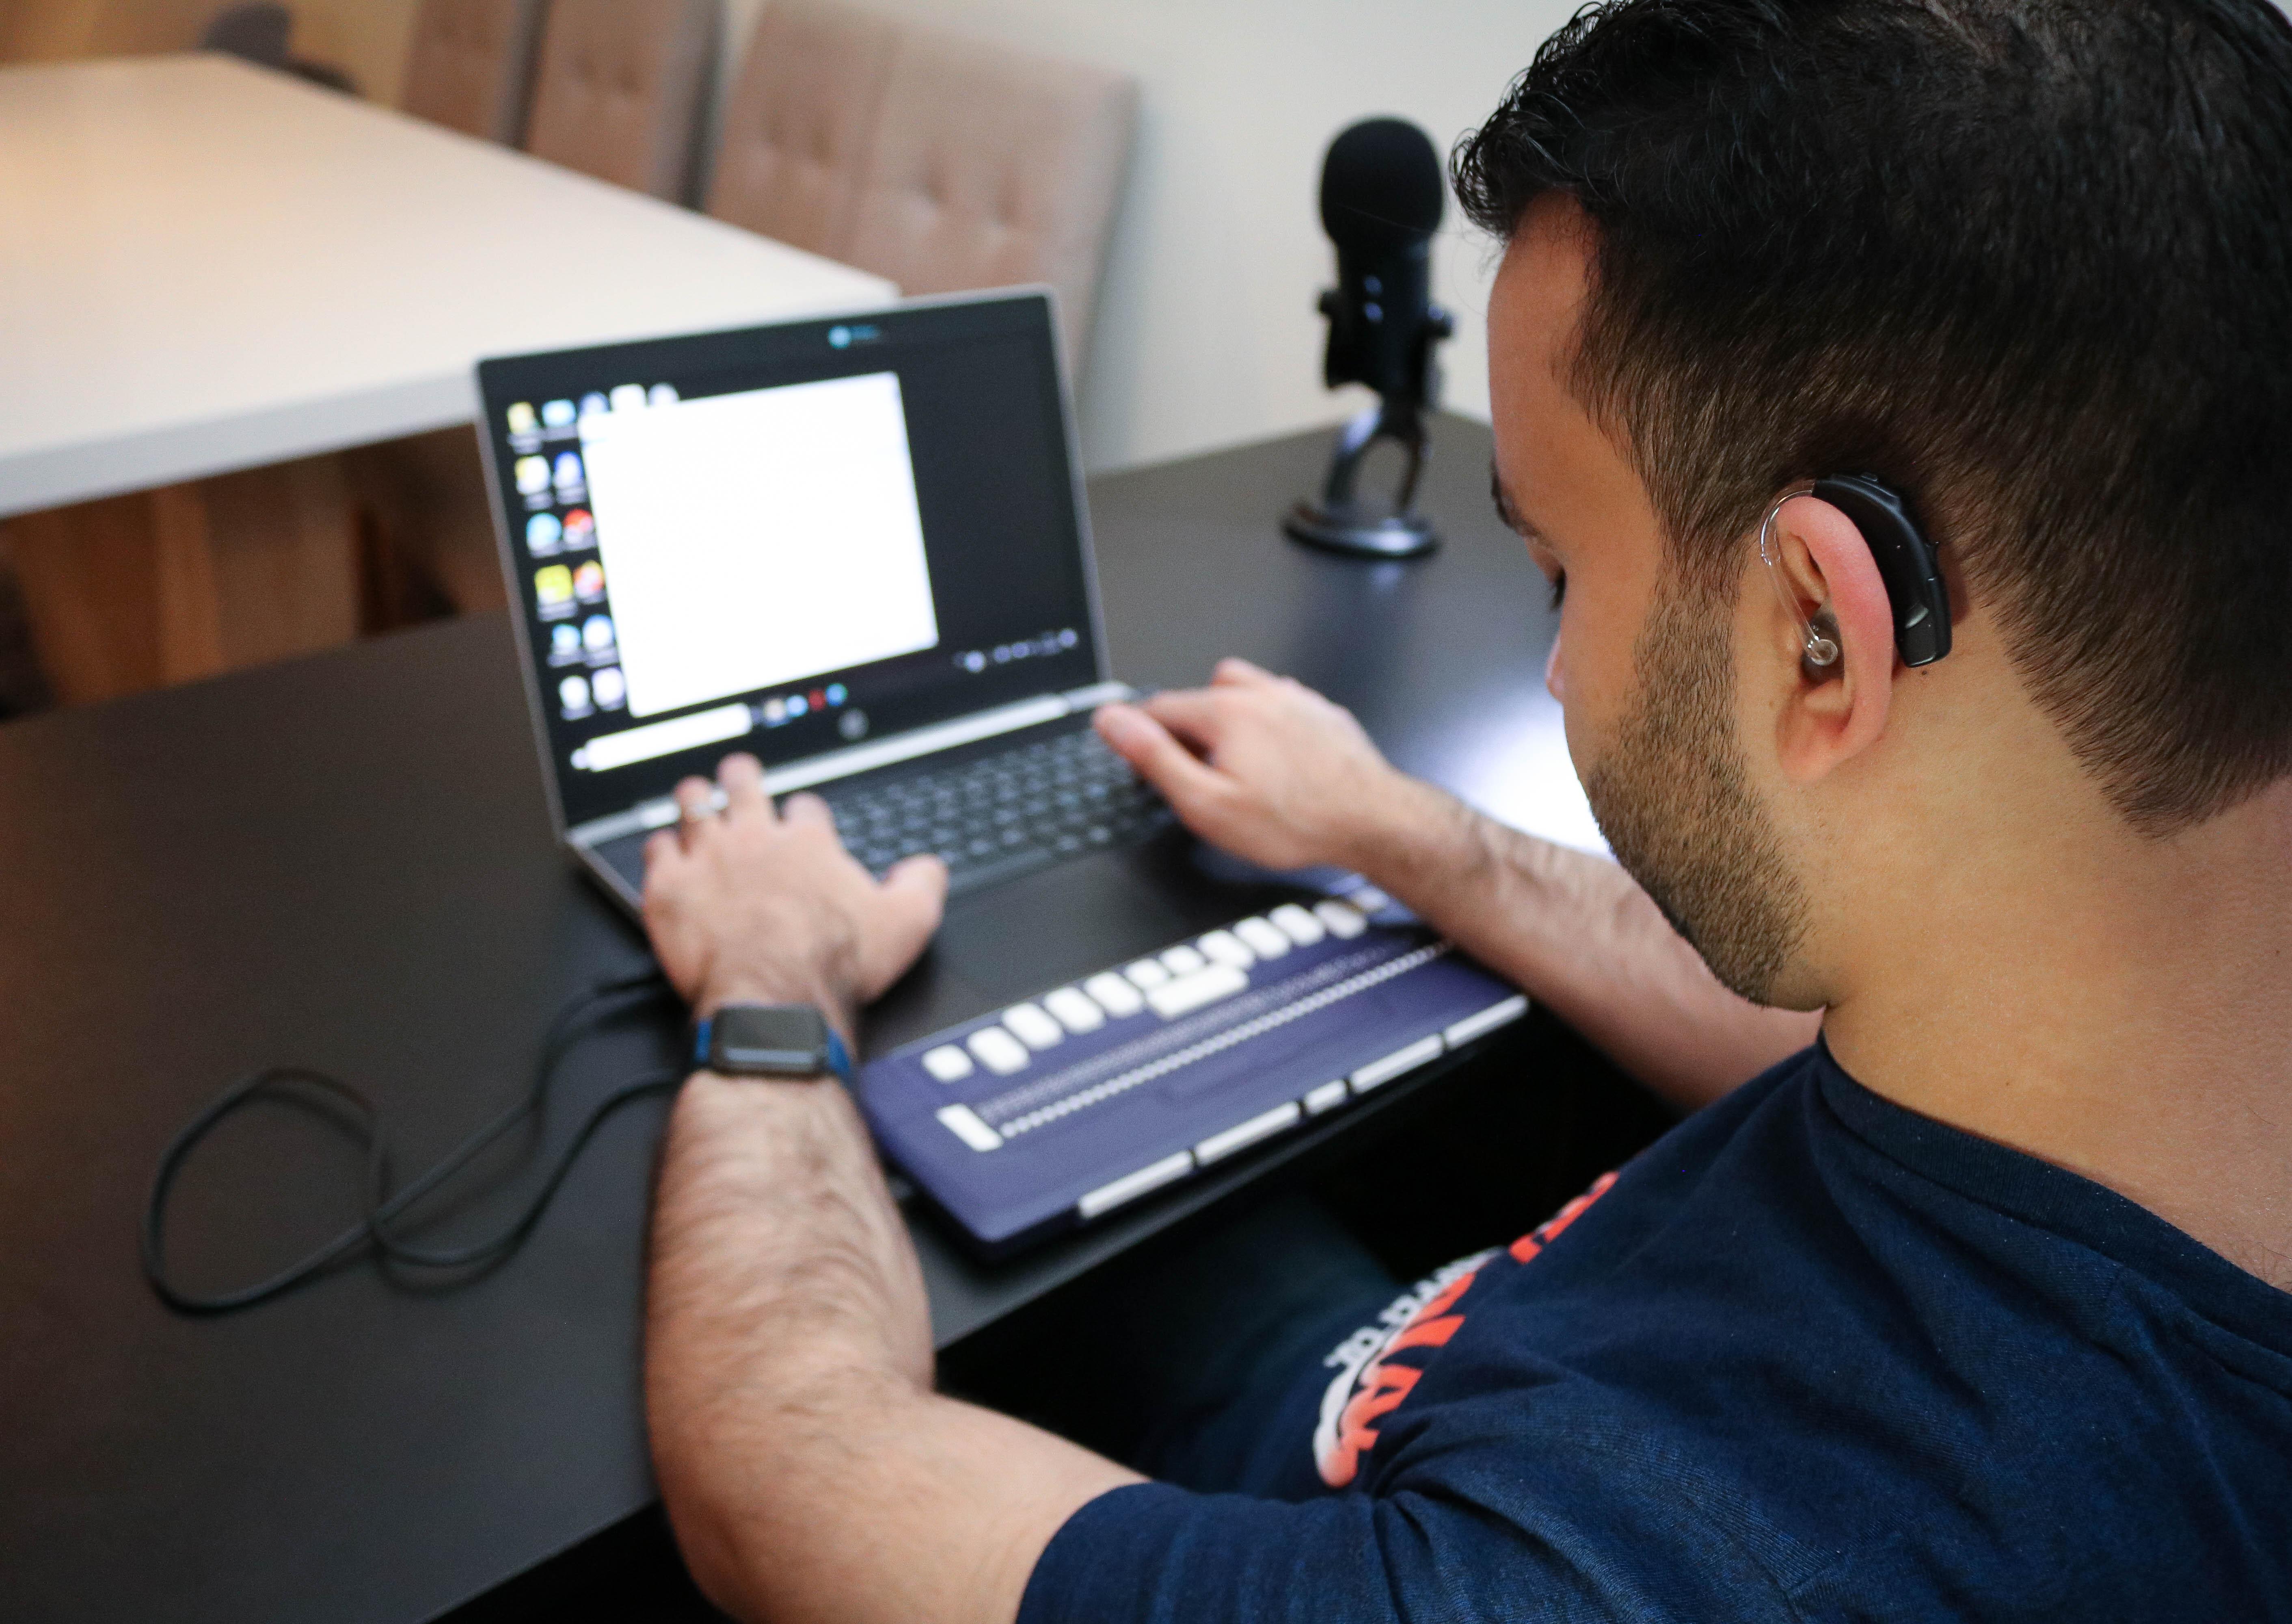 Døvblind mann jobber med sin laptop. Høreapparat på venstre øre er godt synlig.